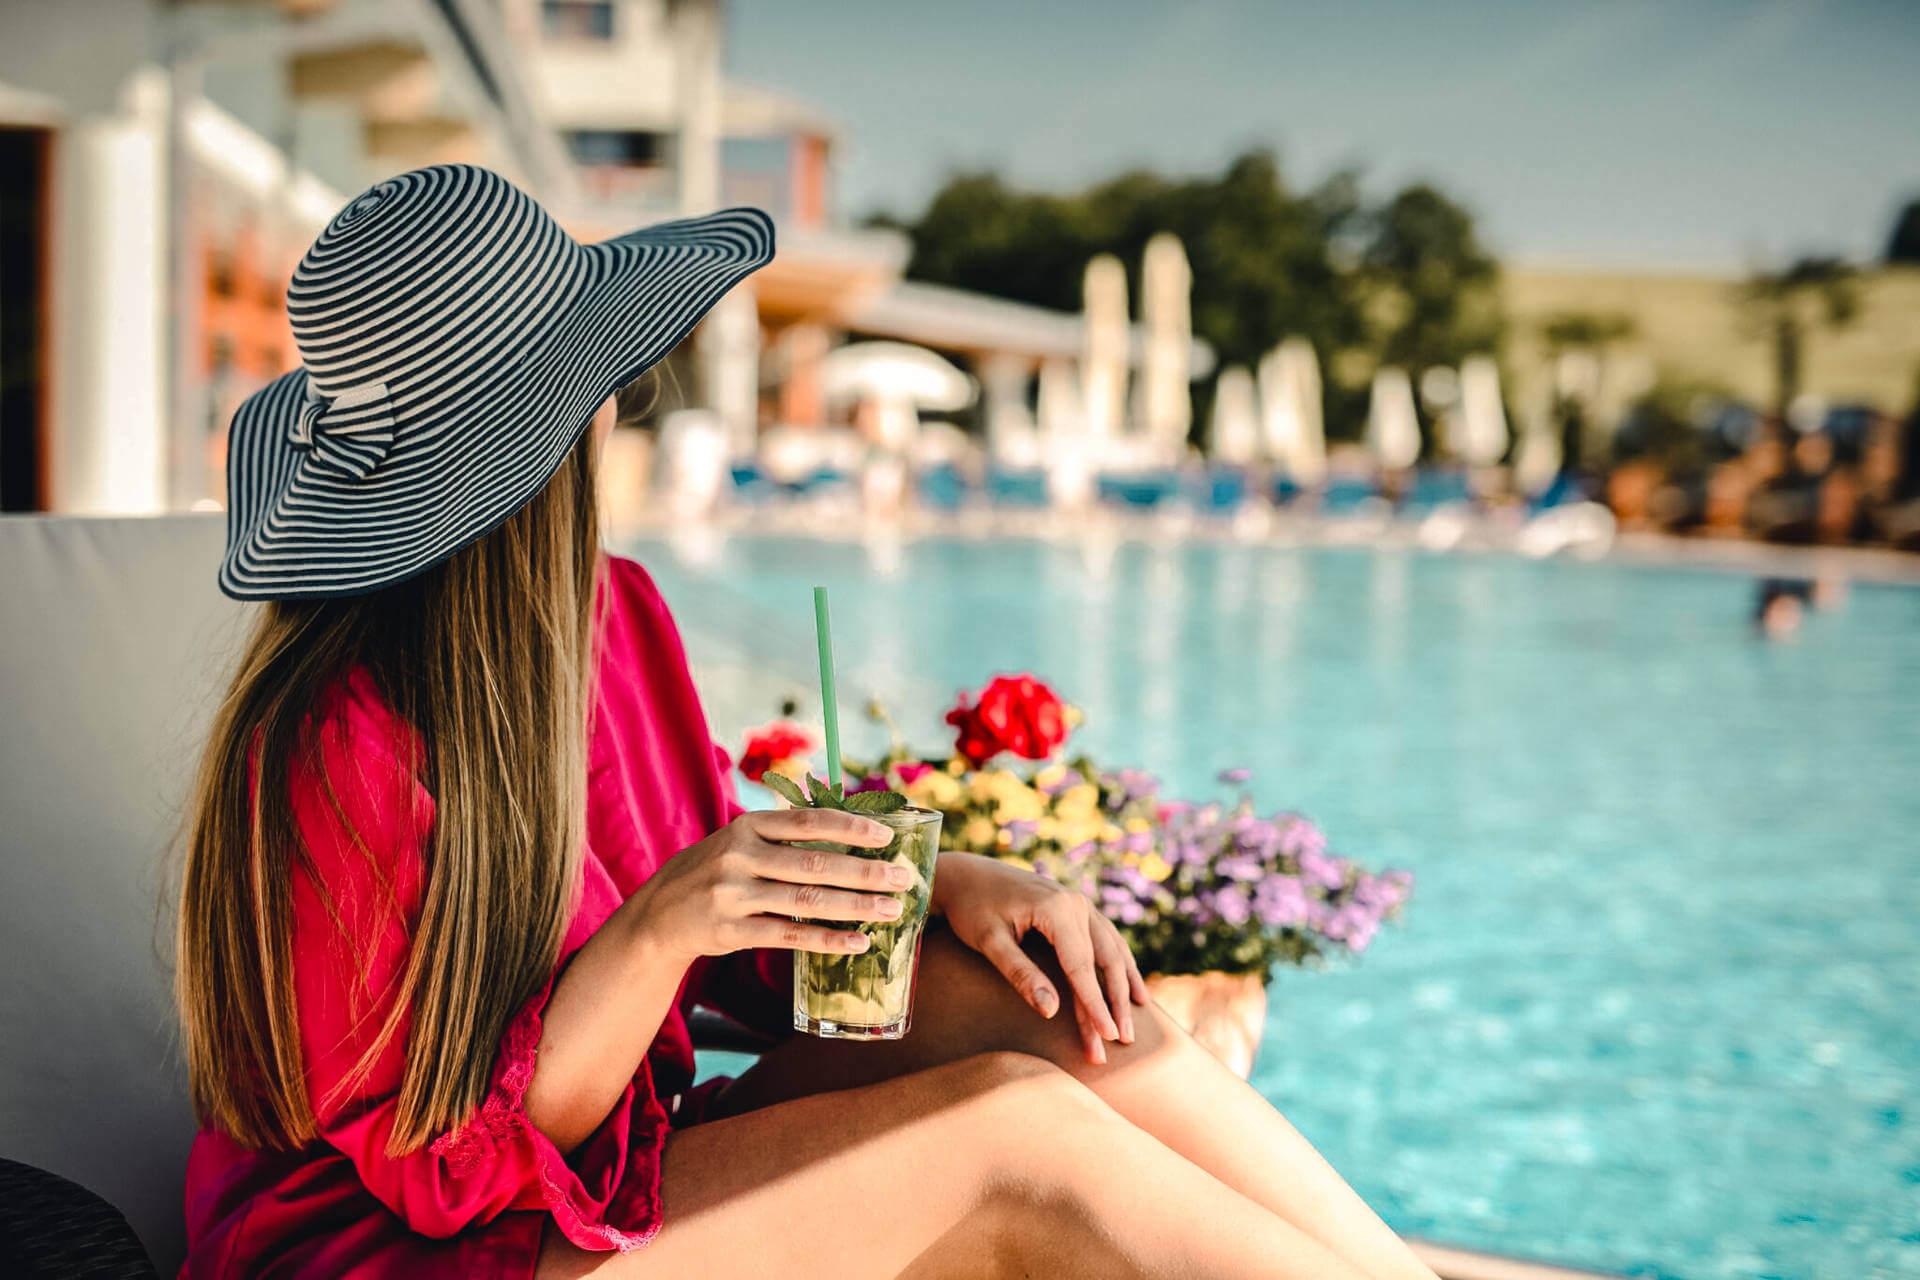 Slečna sa opaluje v resorte Kaskady pri vonkajšom bazéne